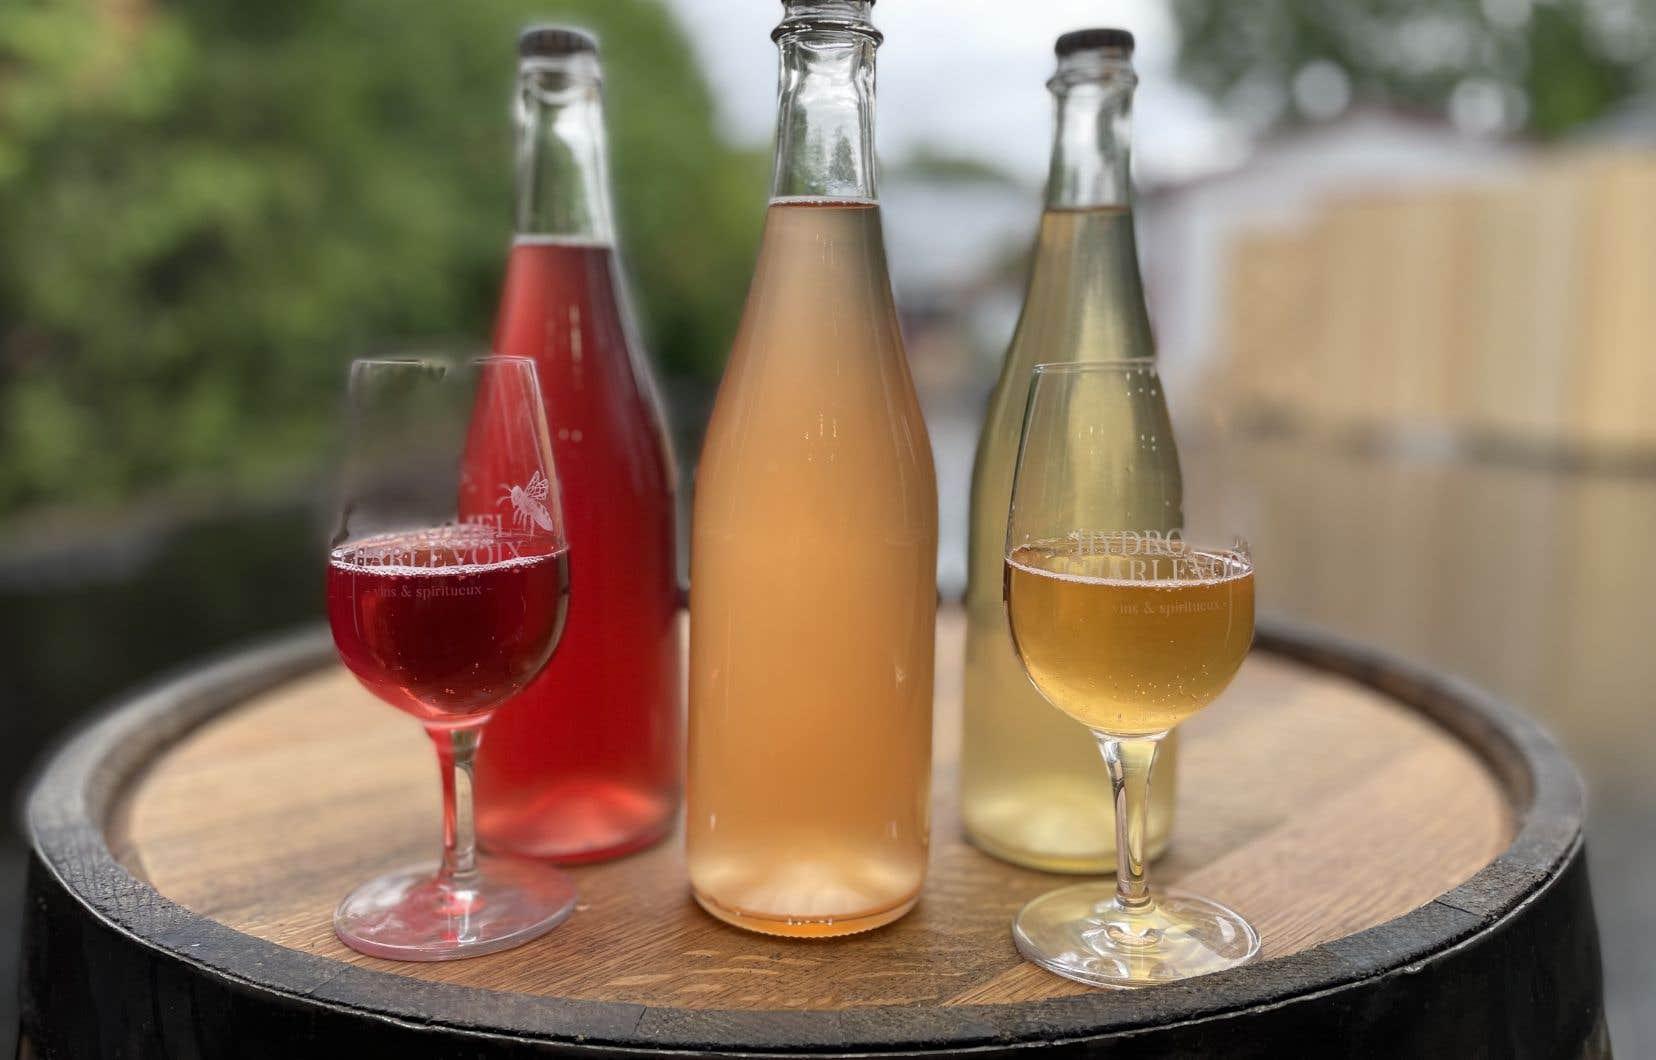 Lors de notre passage, les étiquettes n'étaient pas encore accolées sur les premières bouteilles d'Hydromel Charlevoix.